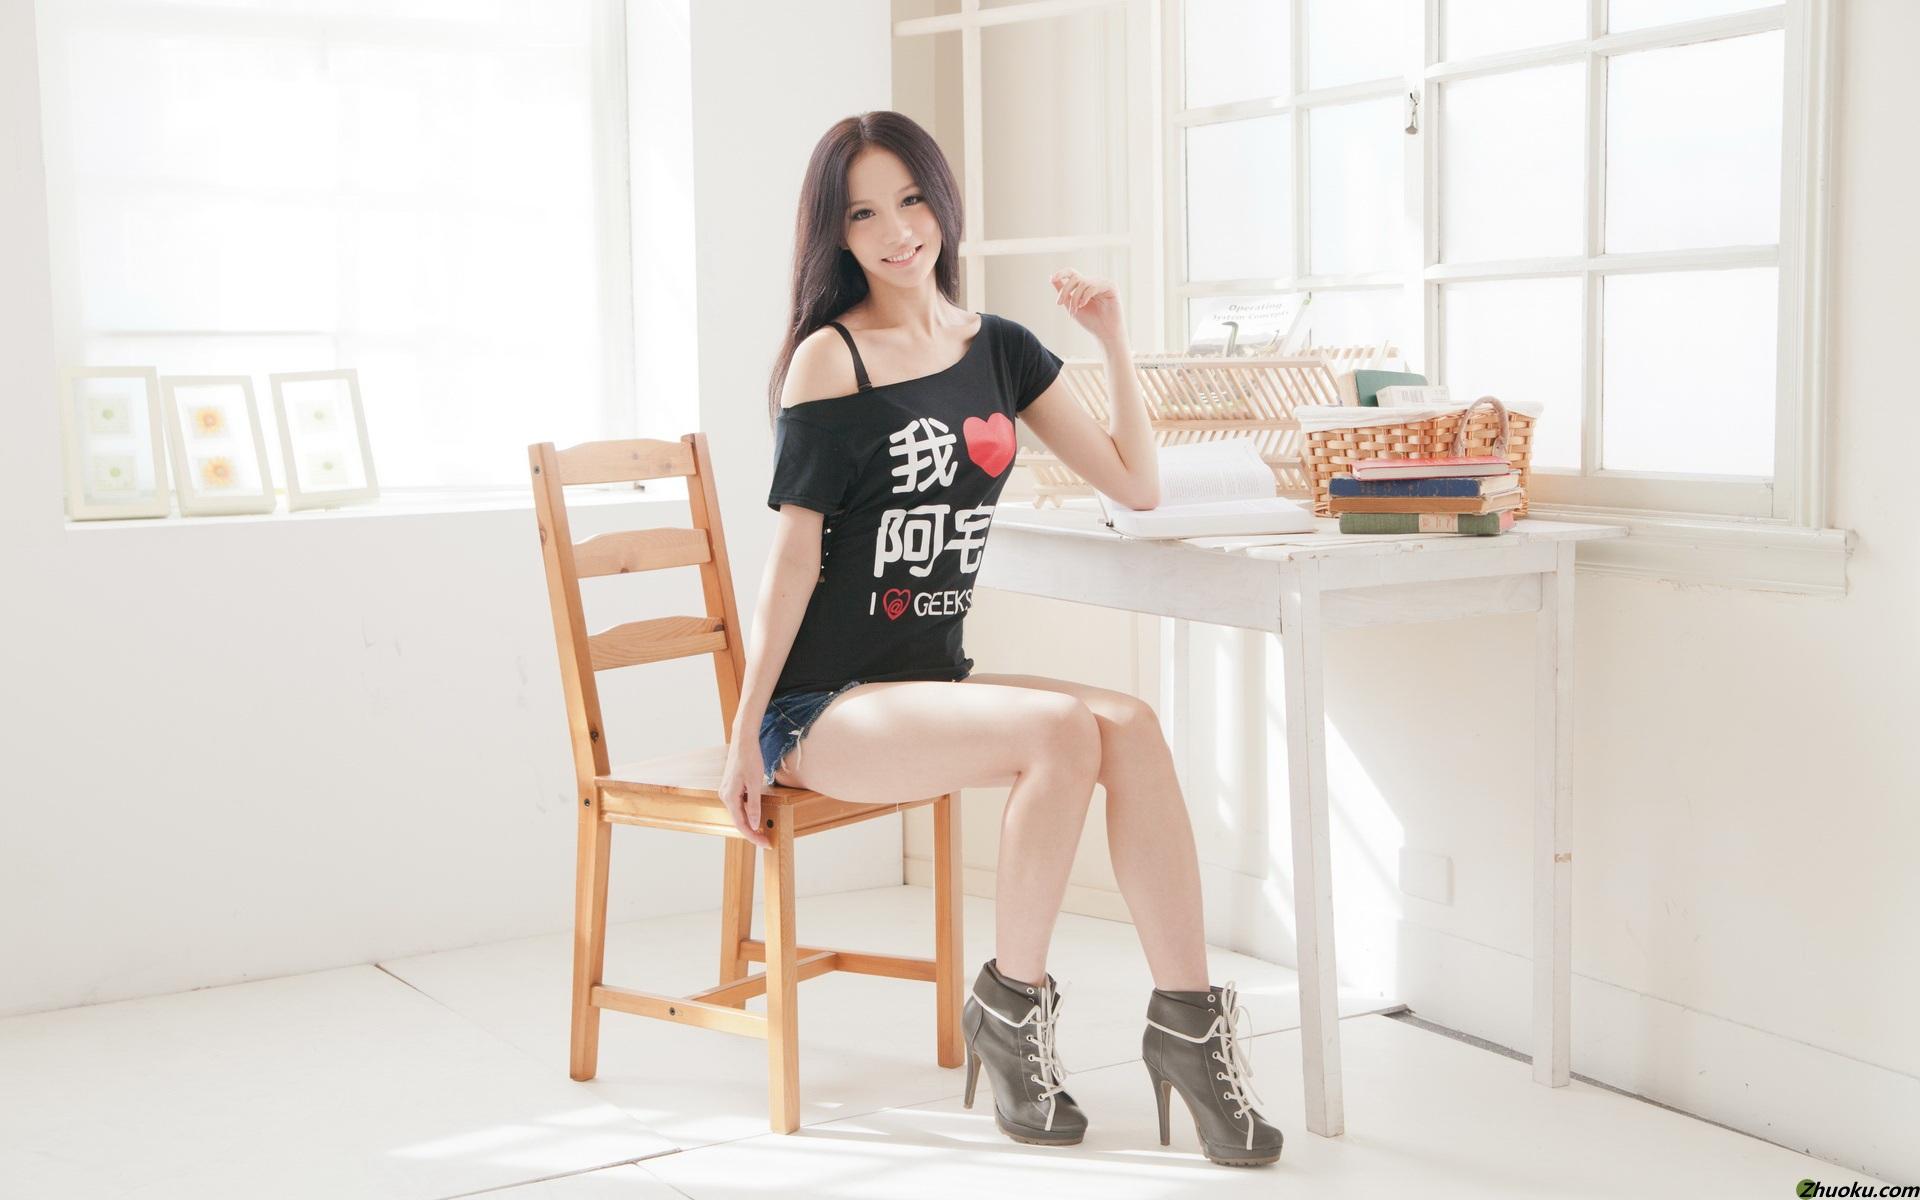 林采缇-女帝蛇姬(壁纸7)